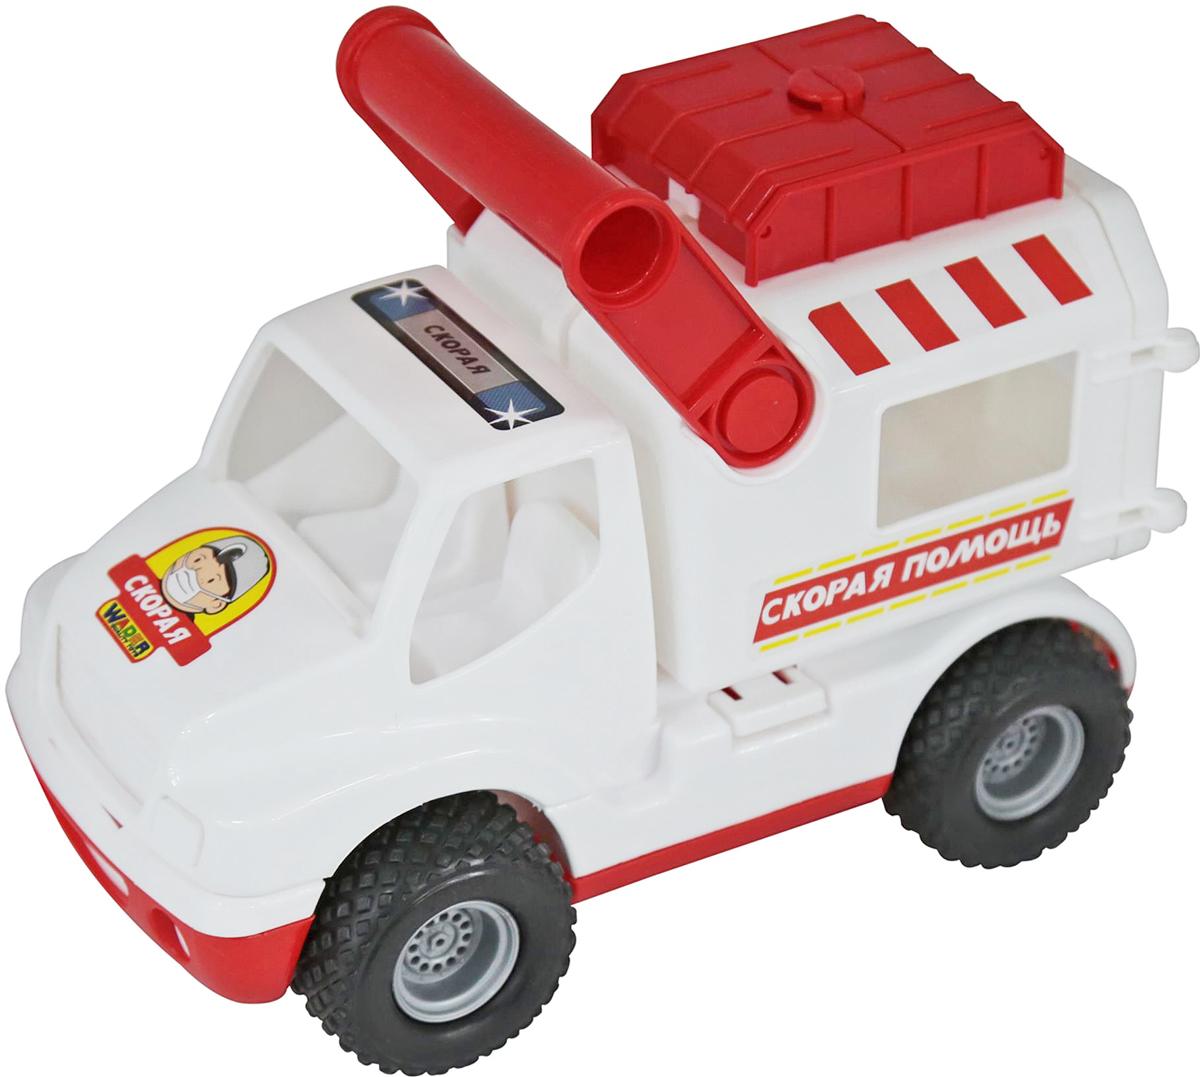 Полесье Автомобиль КонсТрак Скорая помощь, цвет в ассортименте автомобиль пластмастер малютка зефирки цвет в ассортименте 31172